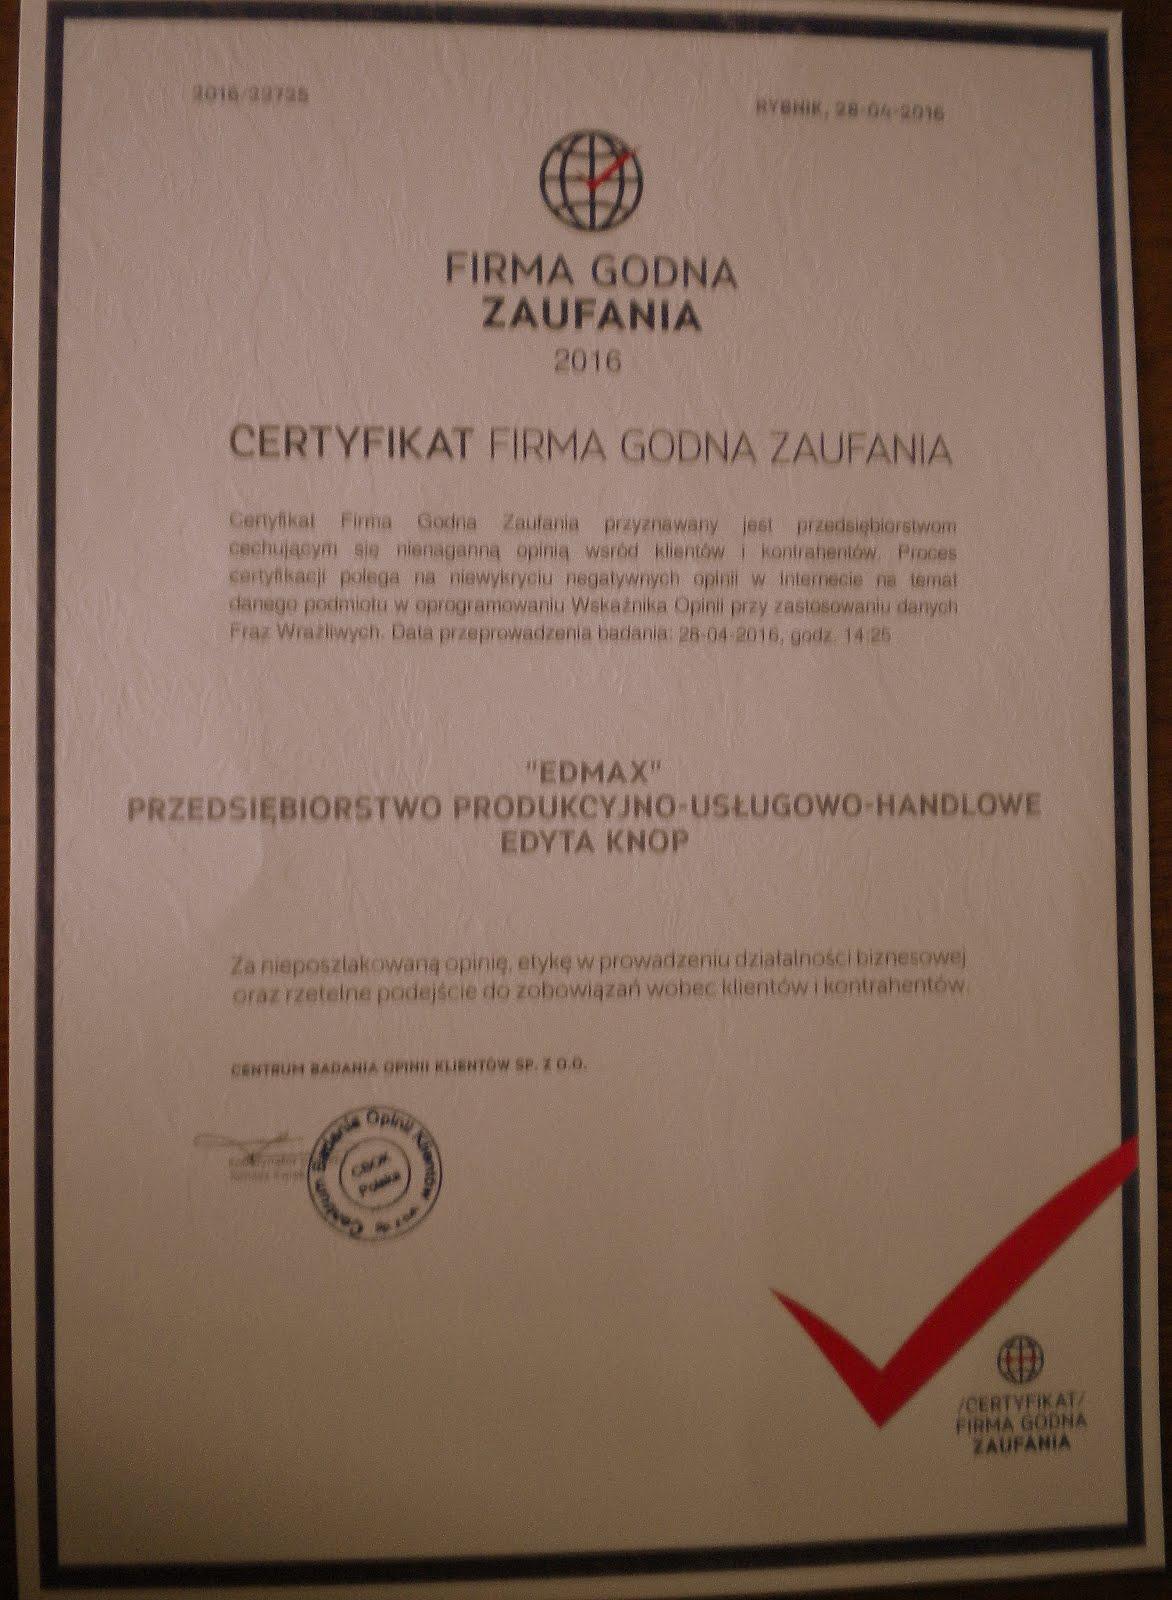 Certyfikat Firma Godna Zaufania 2016 rok